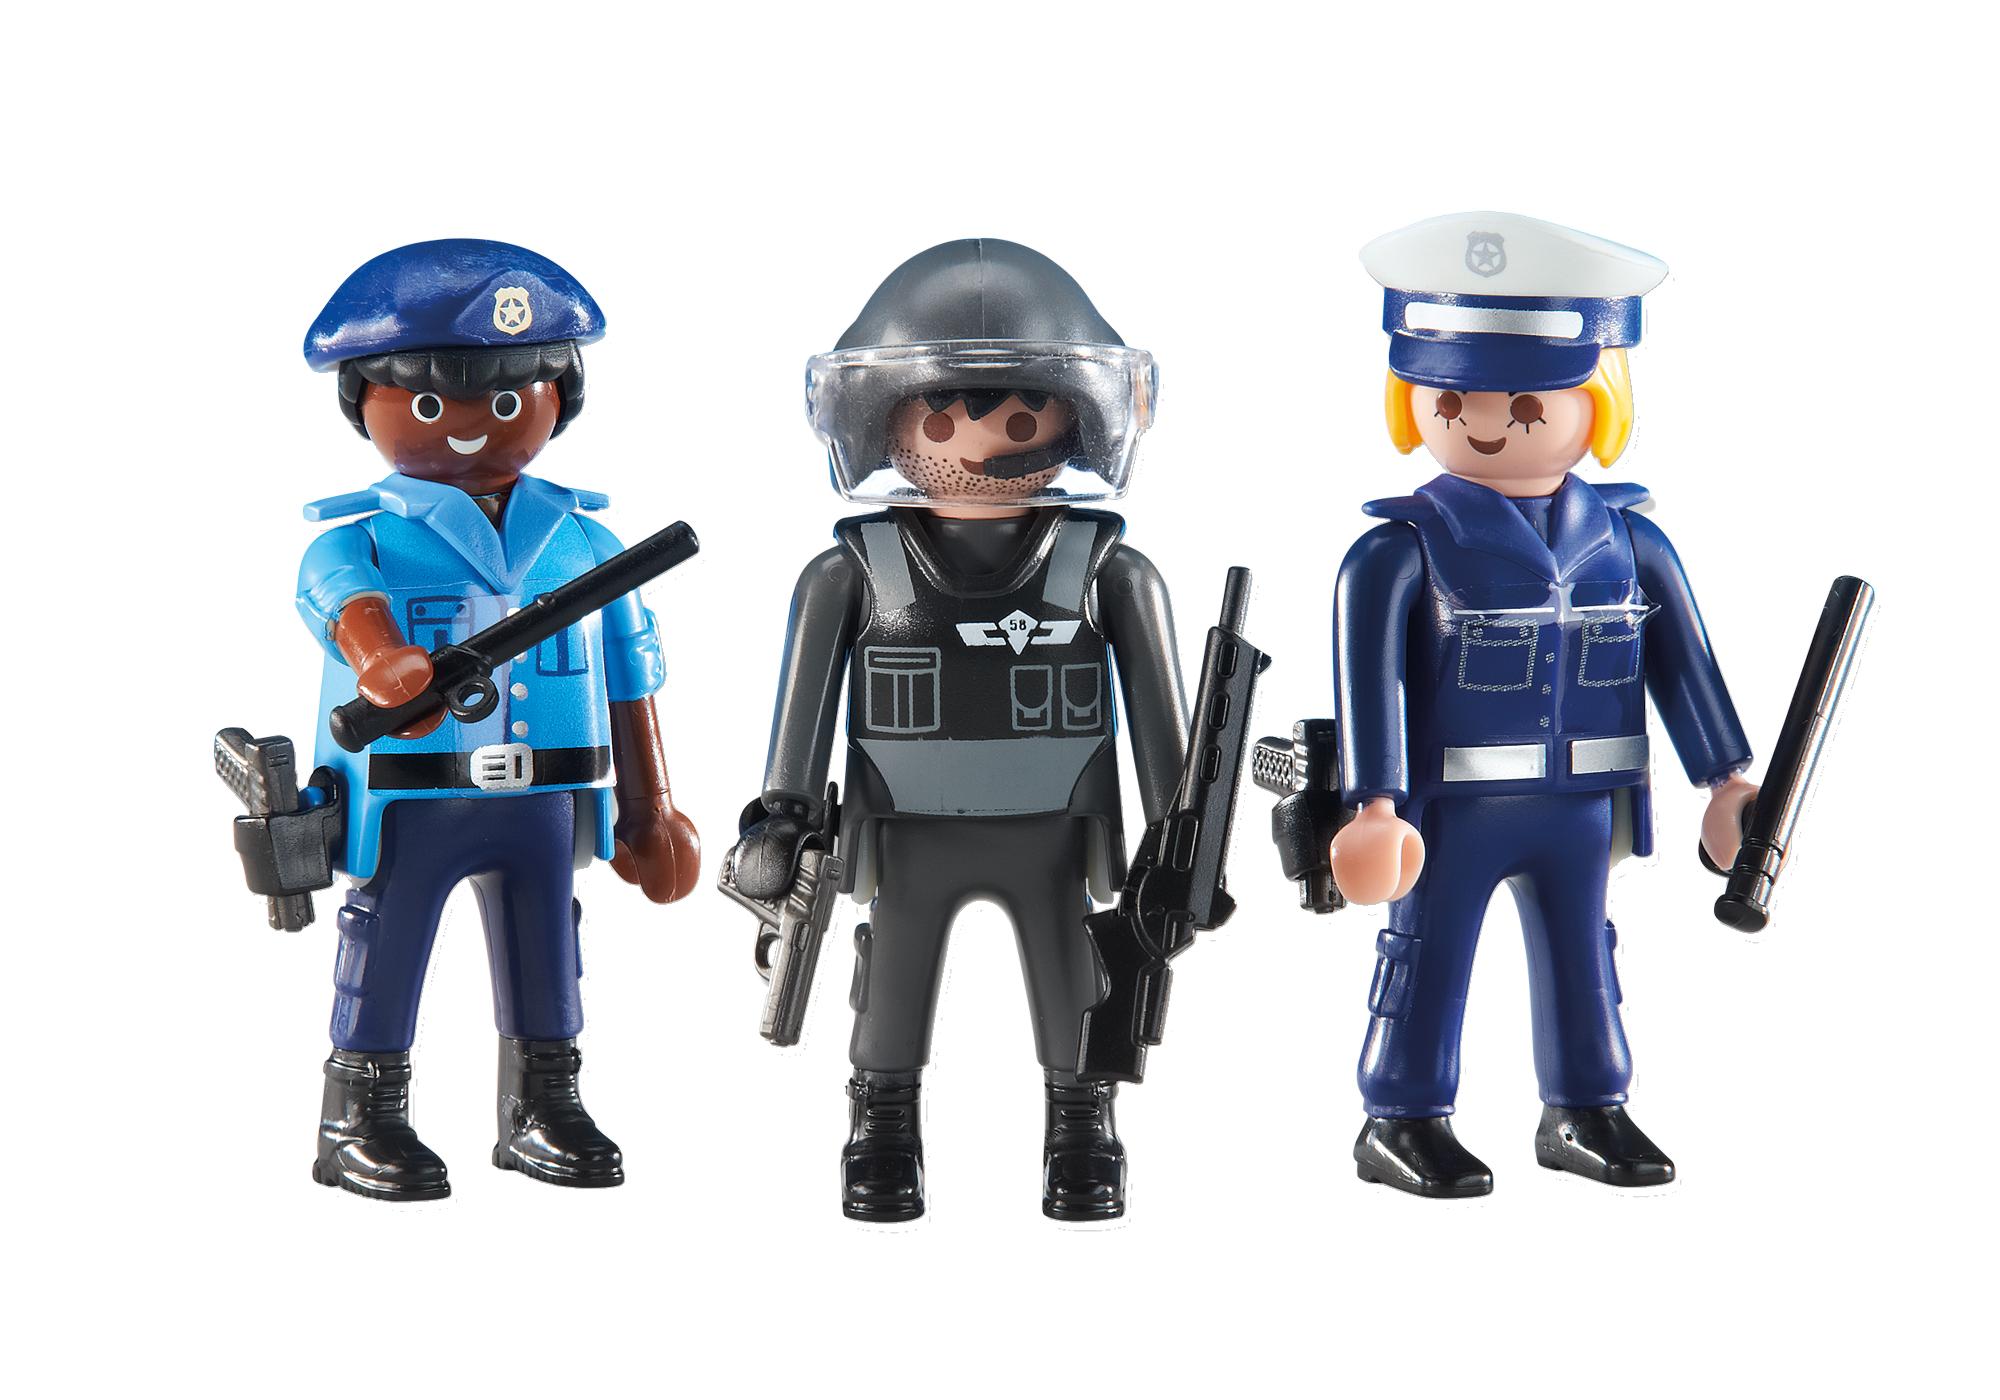 http://media.playmobil.com/i/playmobil/6501_product_detail/3 Polícias